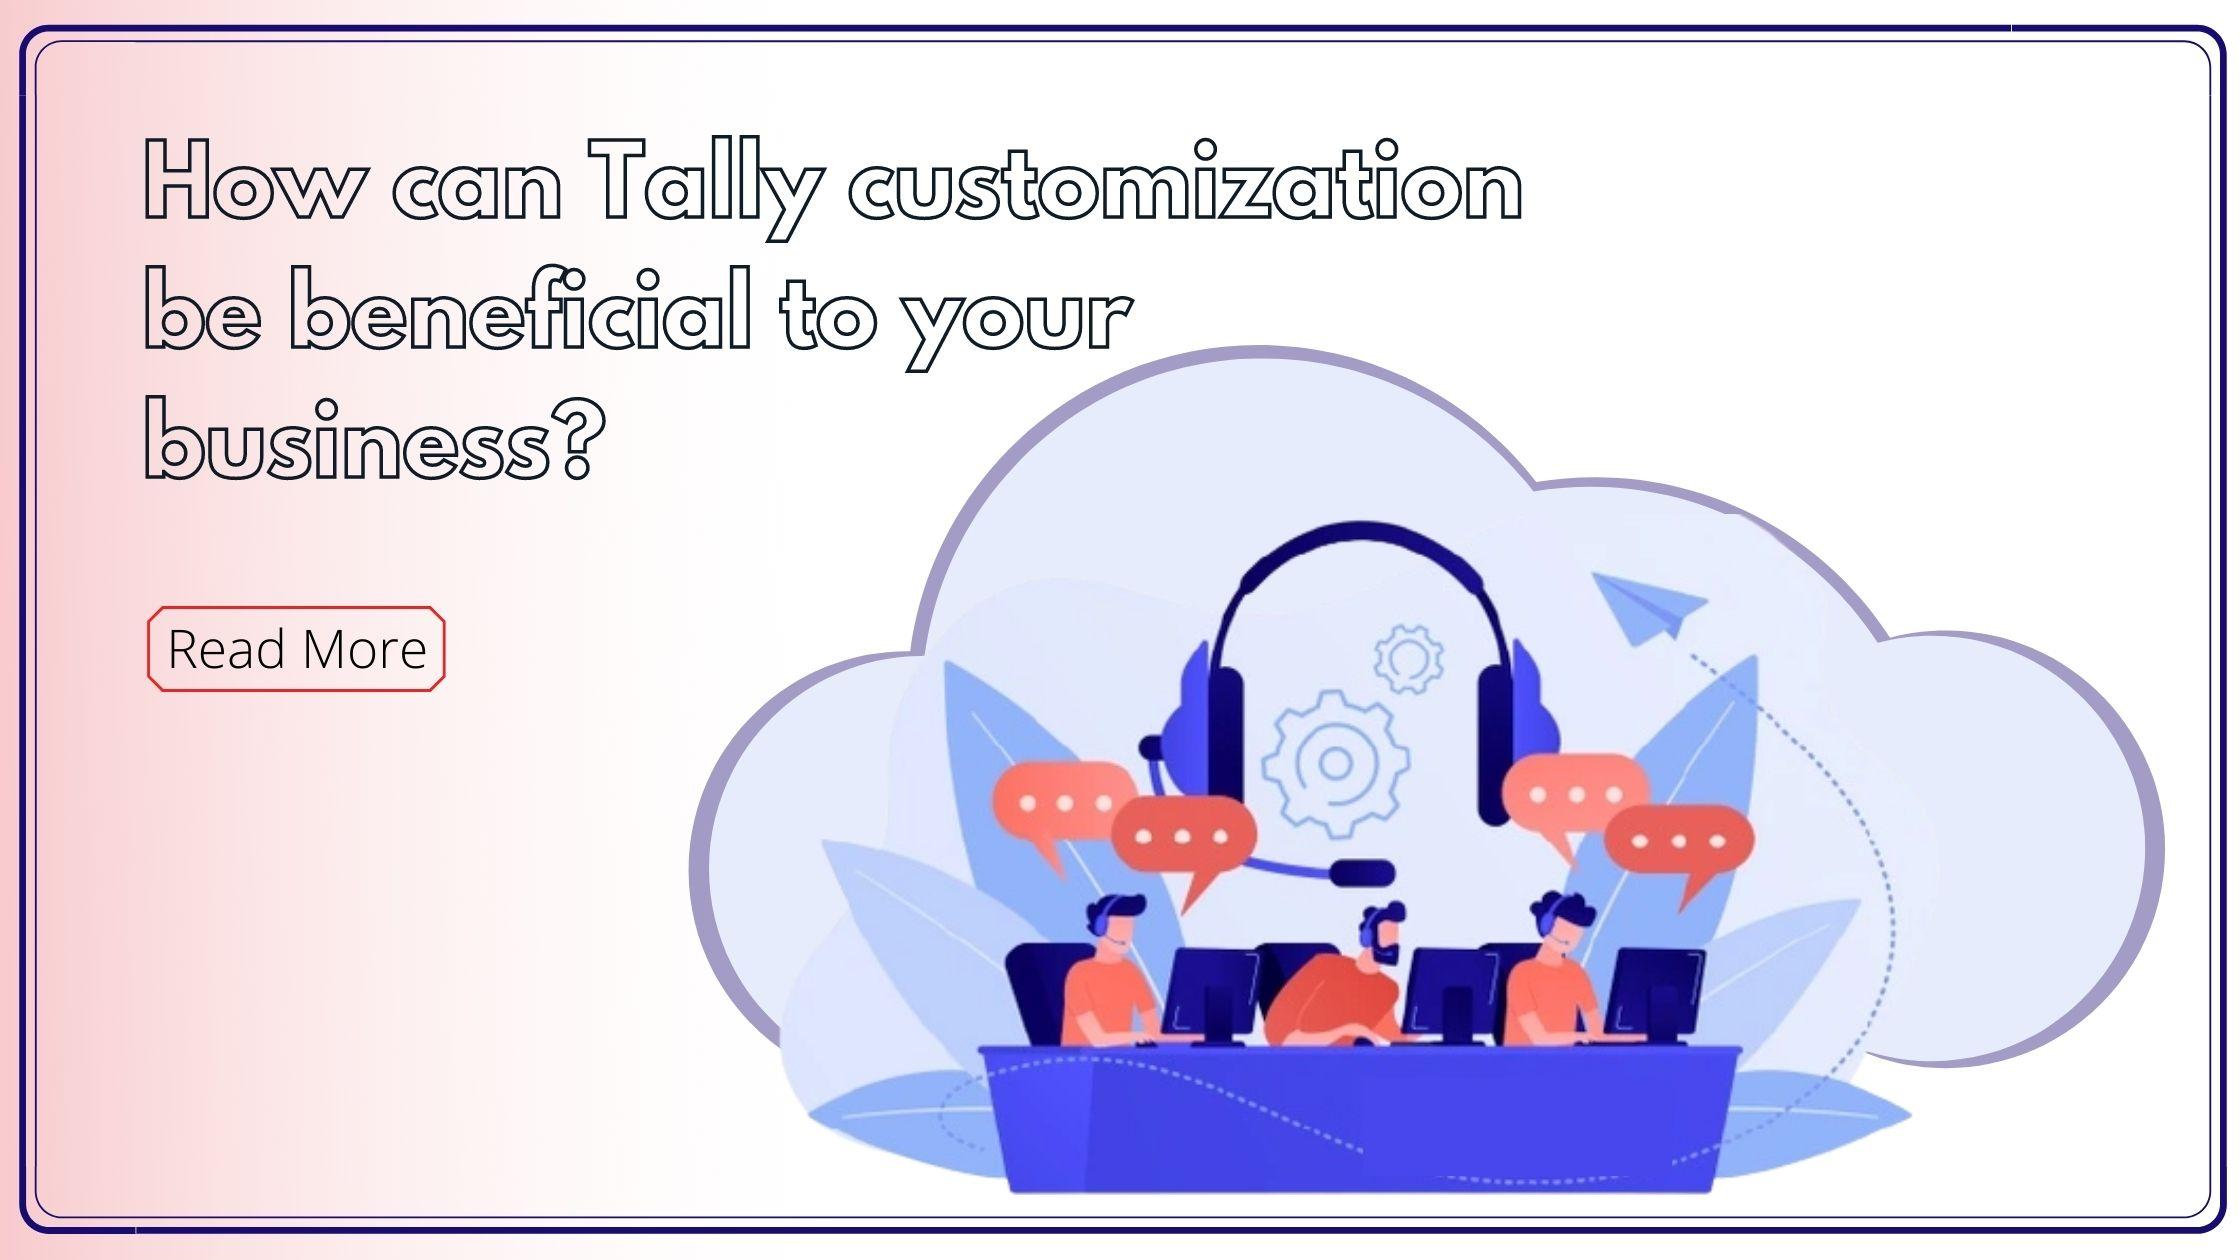 Tally customization be benefits